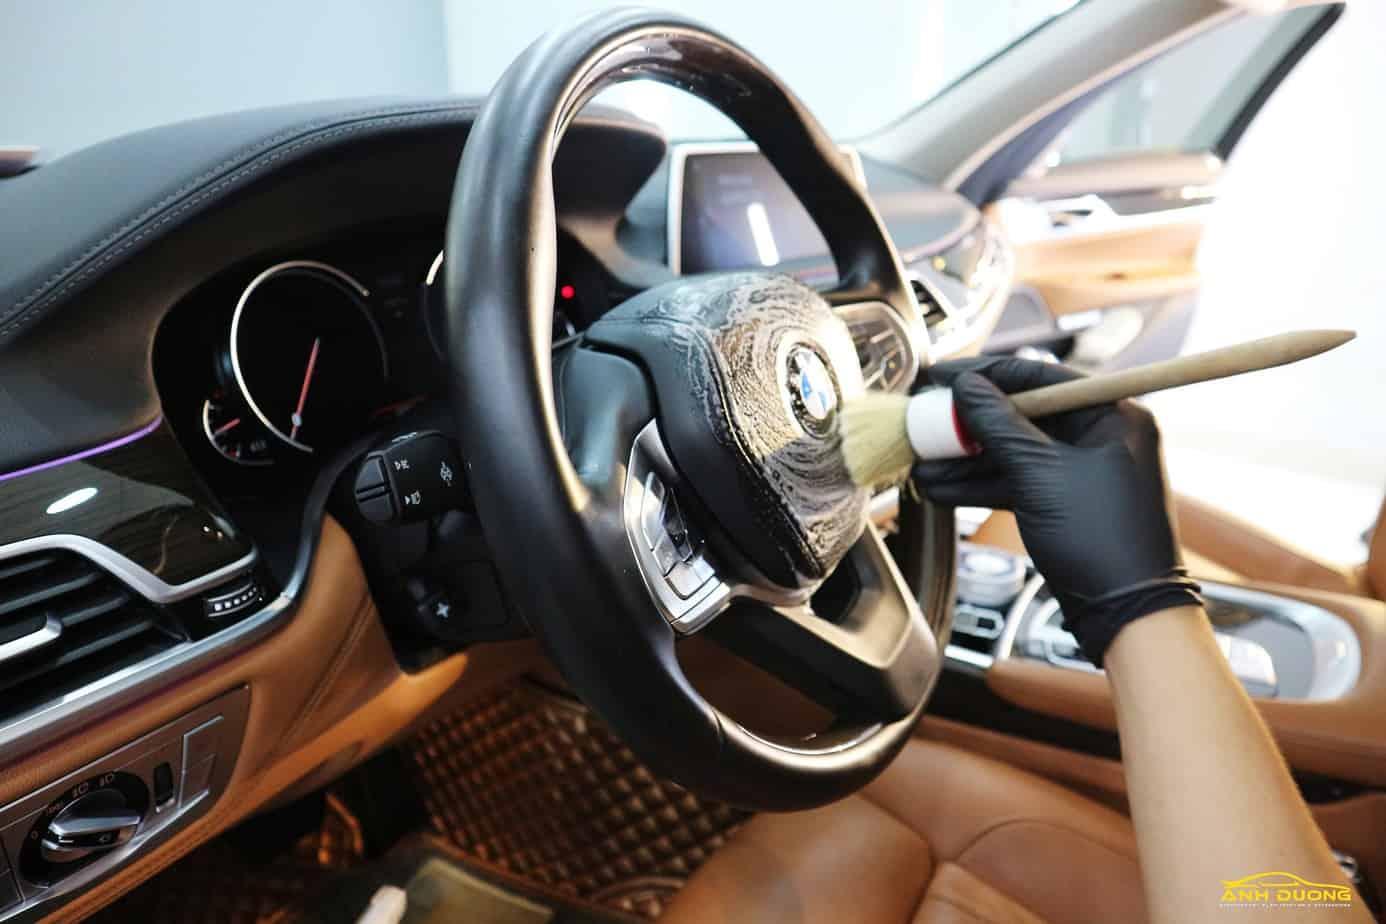 Top 8 Gara Chuyên Thay Nội Thất Ô Tô Ở HCM - gara chuyên thay nội thất ô tô ở hcm - AKAuto Sài Gòn   Ánh Dương Detailing & Accessories   Car VN 65